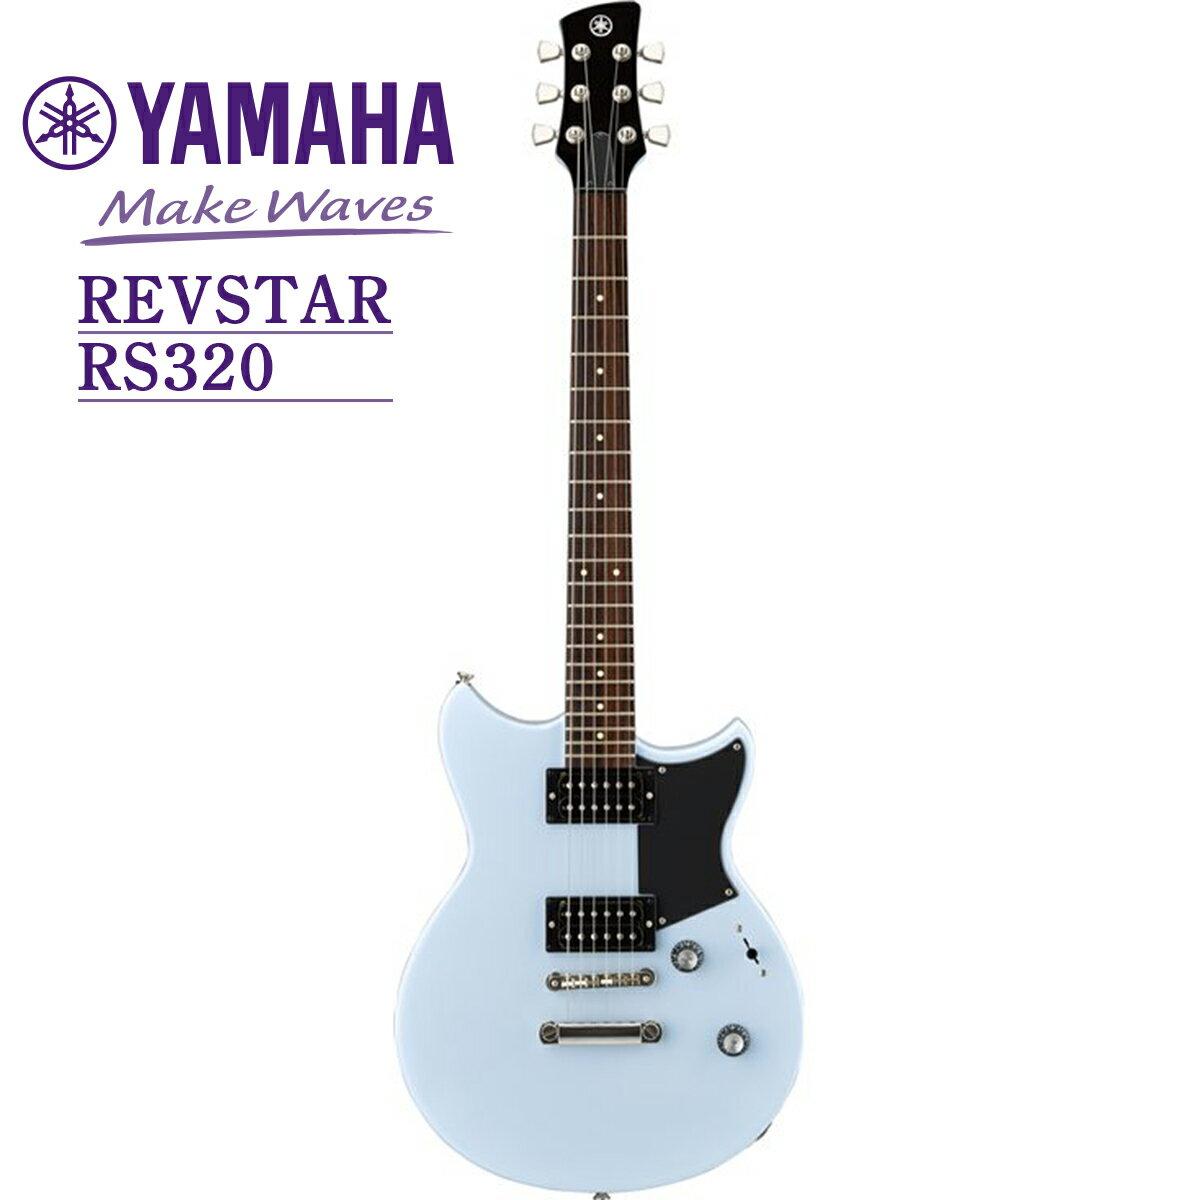 ギター, エレキギター YAMAHA REVSTAR RS320 -ICB()- Blue,Electric Guitar,